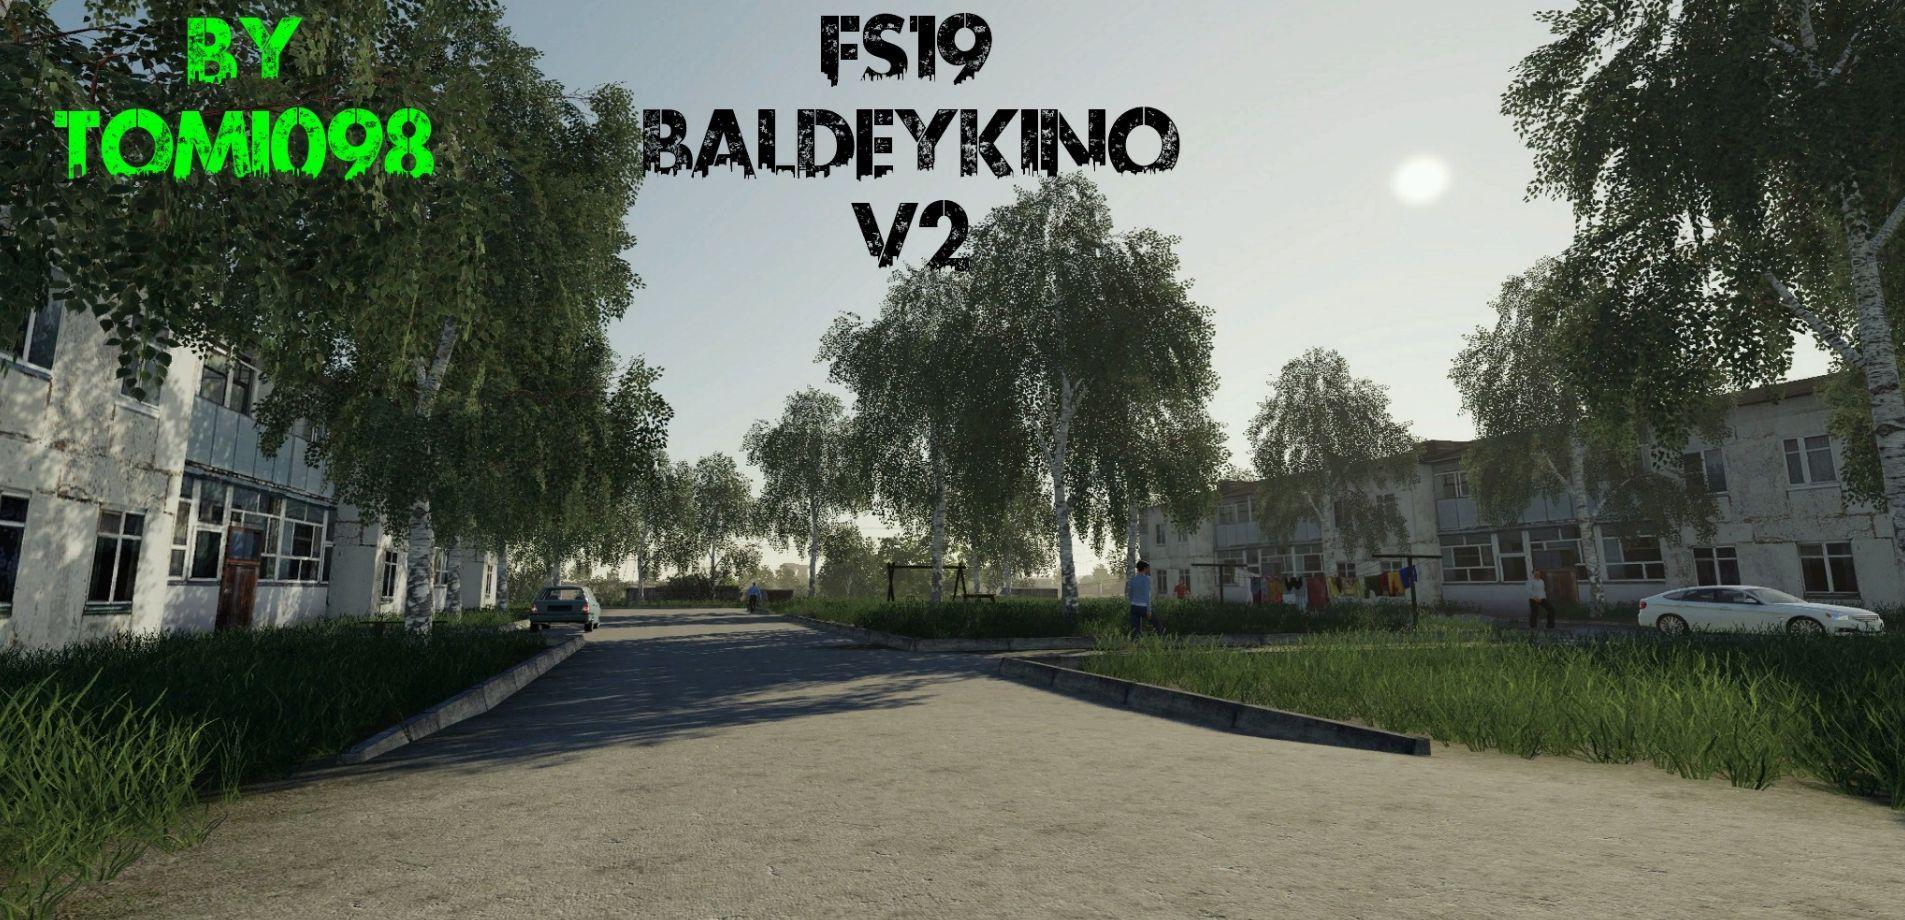 Baldeykino V2 Edit By Tomi098